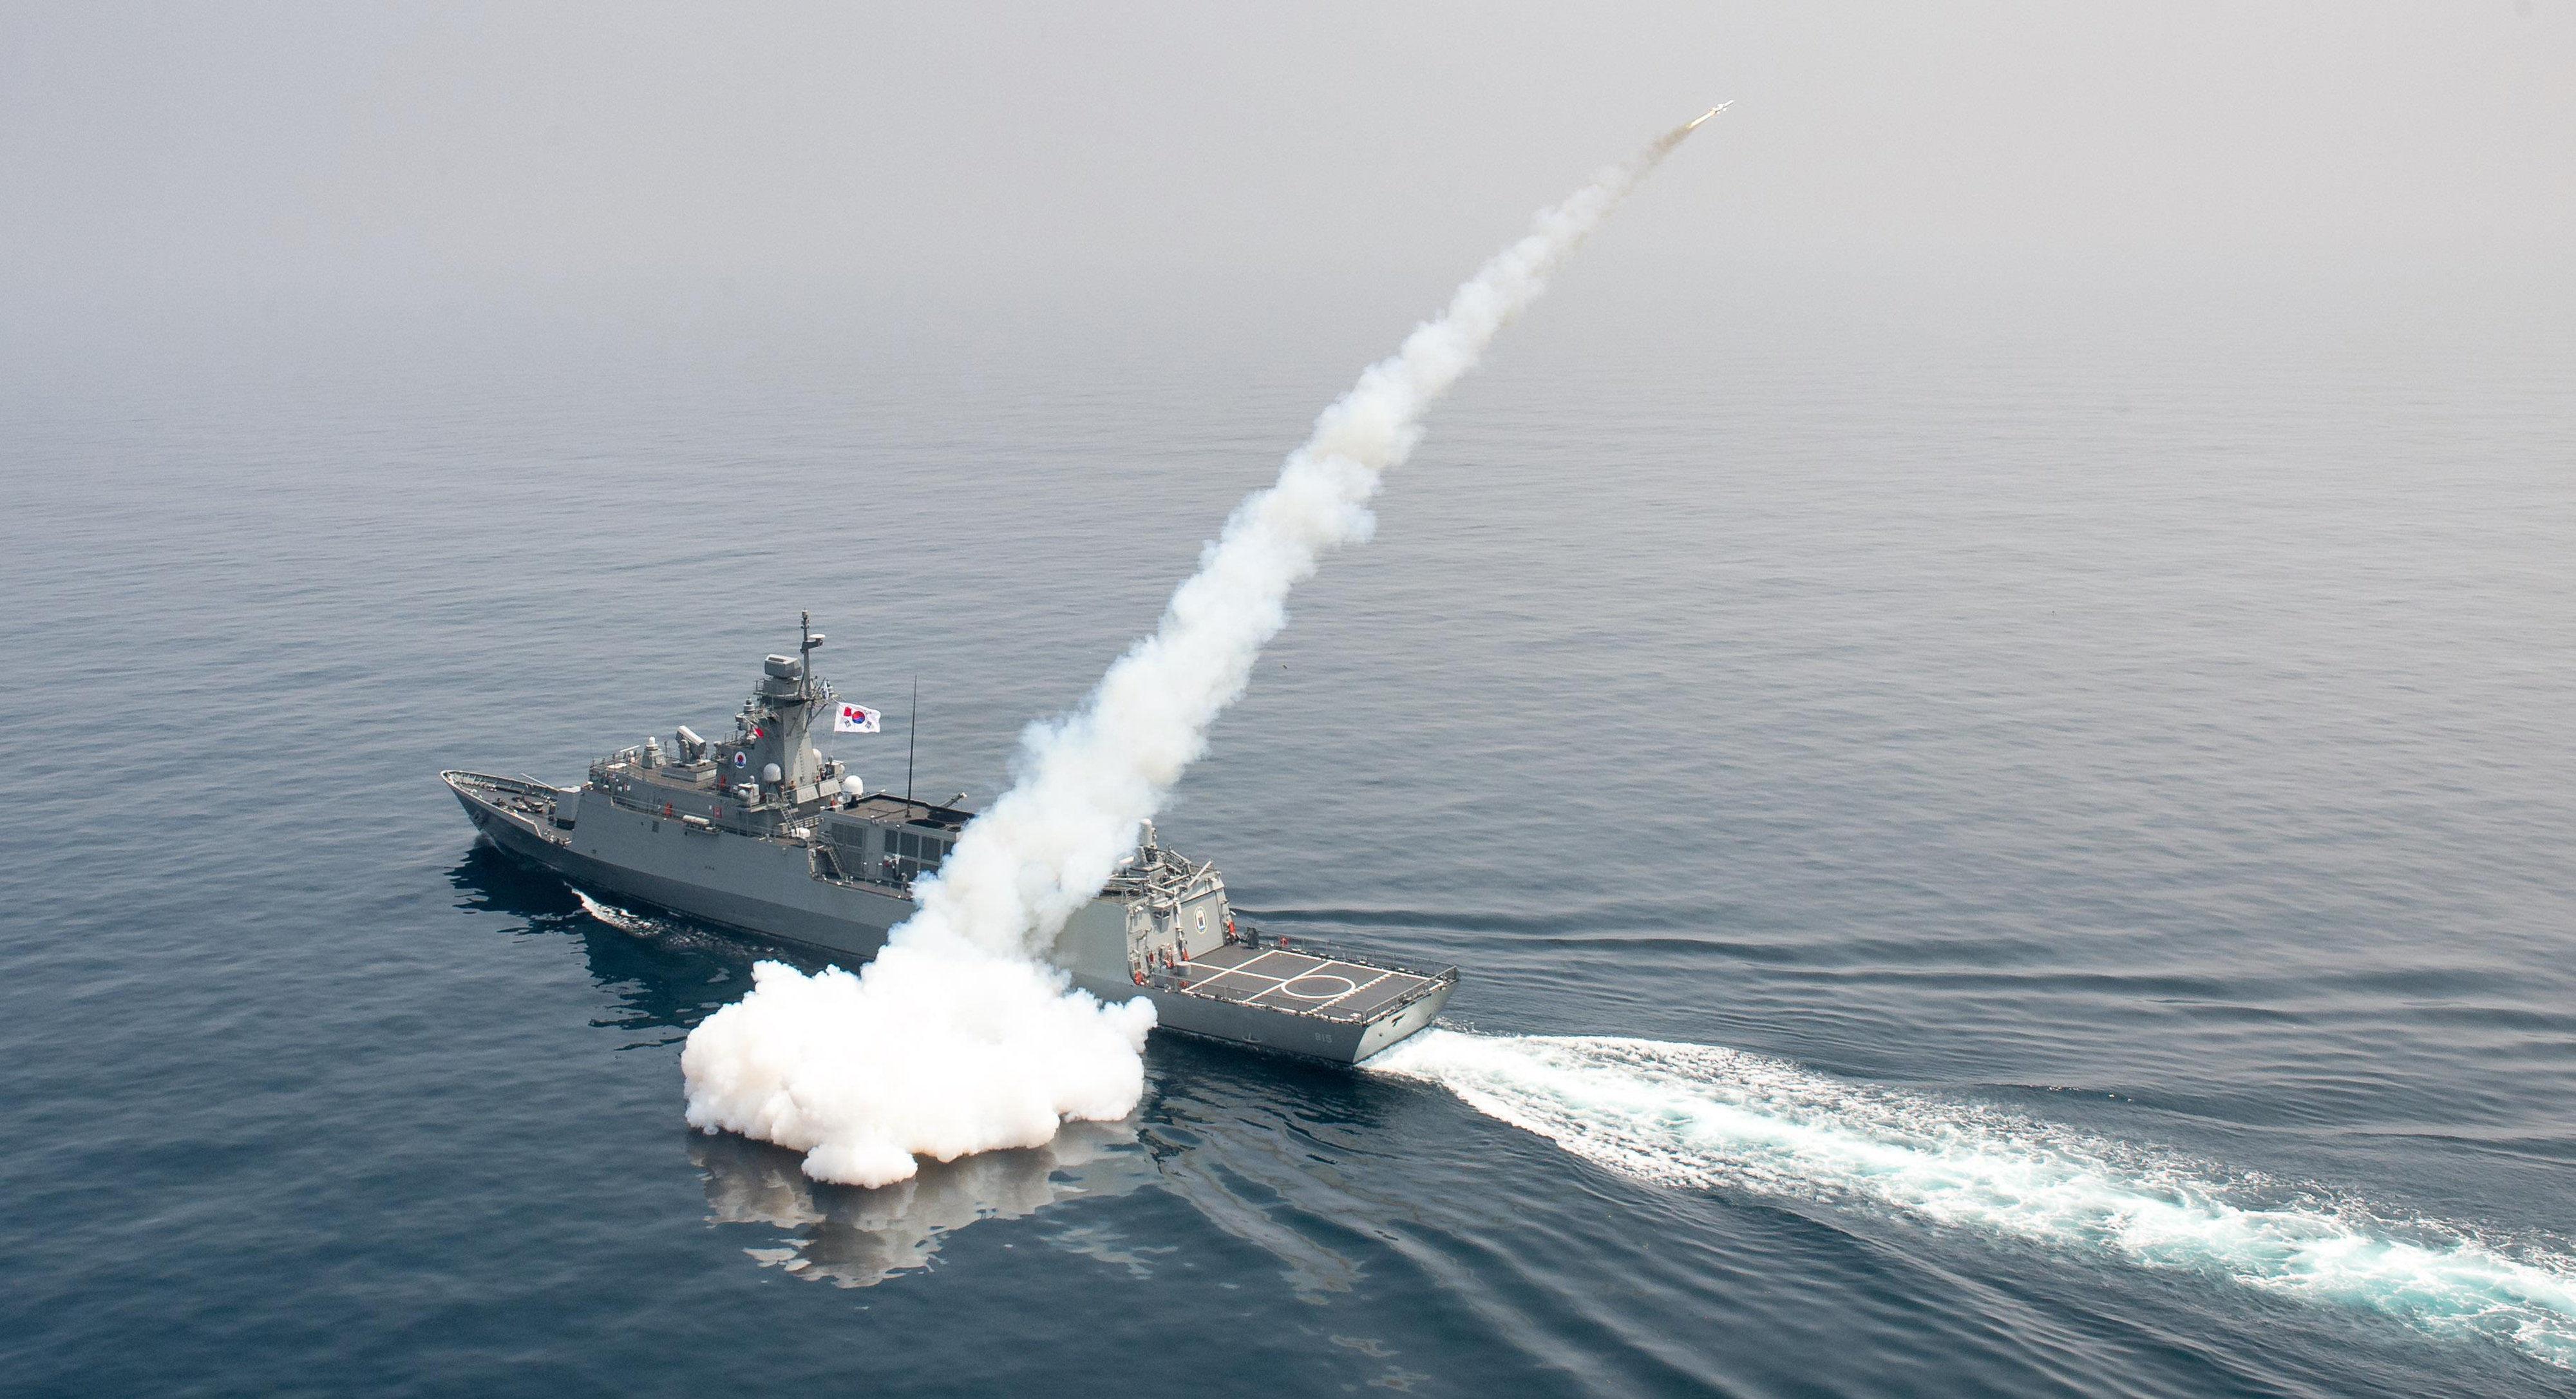 Navio da marinha sul-coreana dispara míssil durante exercício no mar do Leste da Coreia do Sul